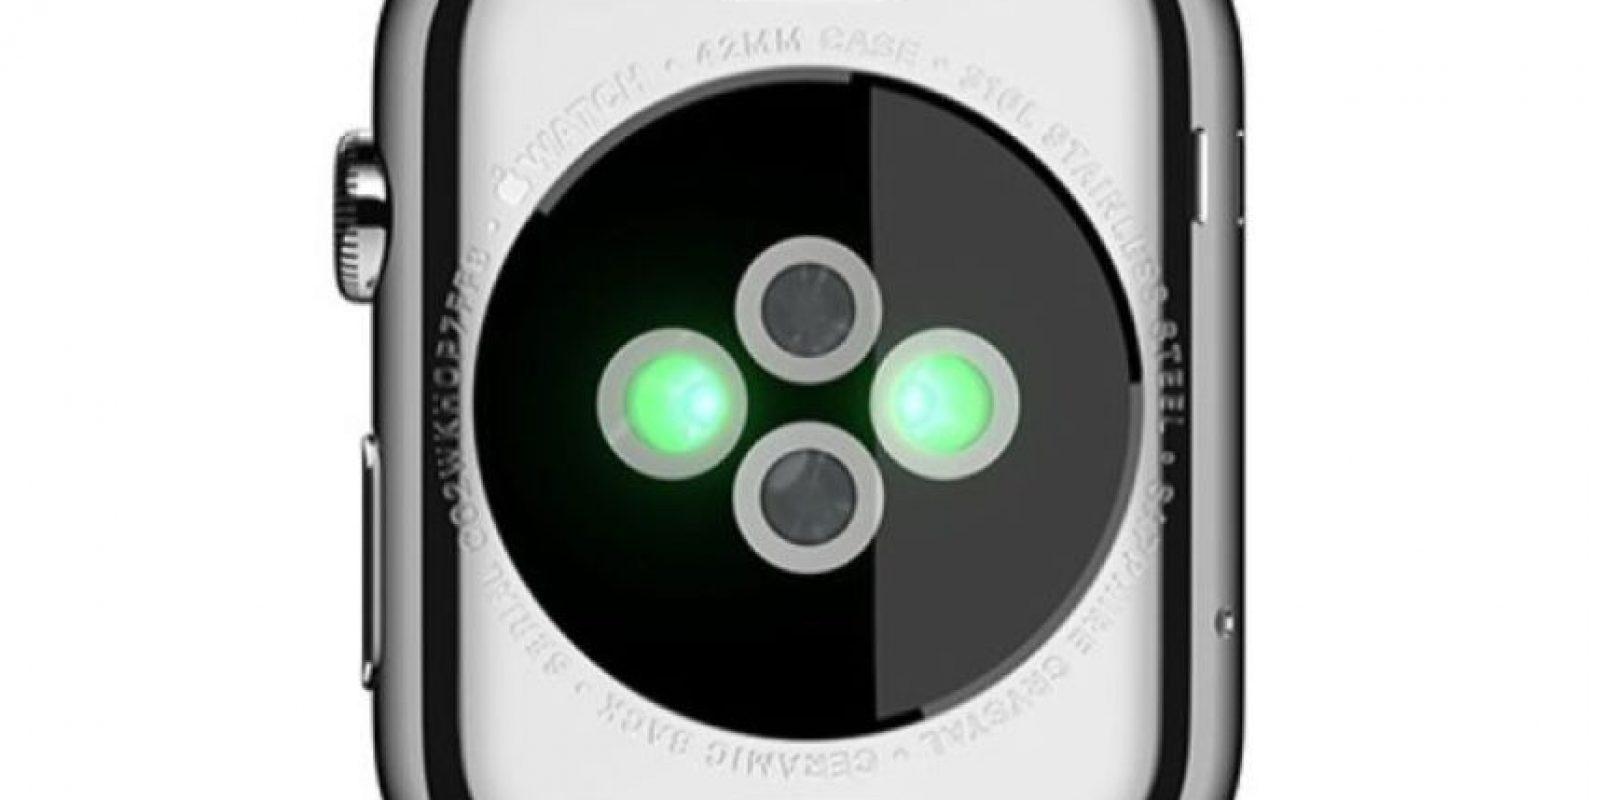 Estos son los sensores con los que se mide la actividad física y cardiaca. Foto:Apple